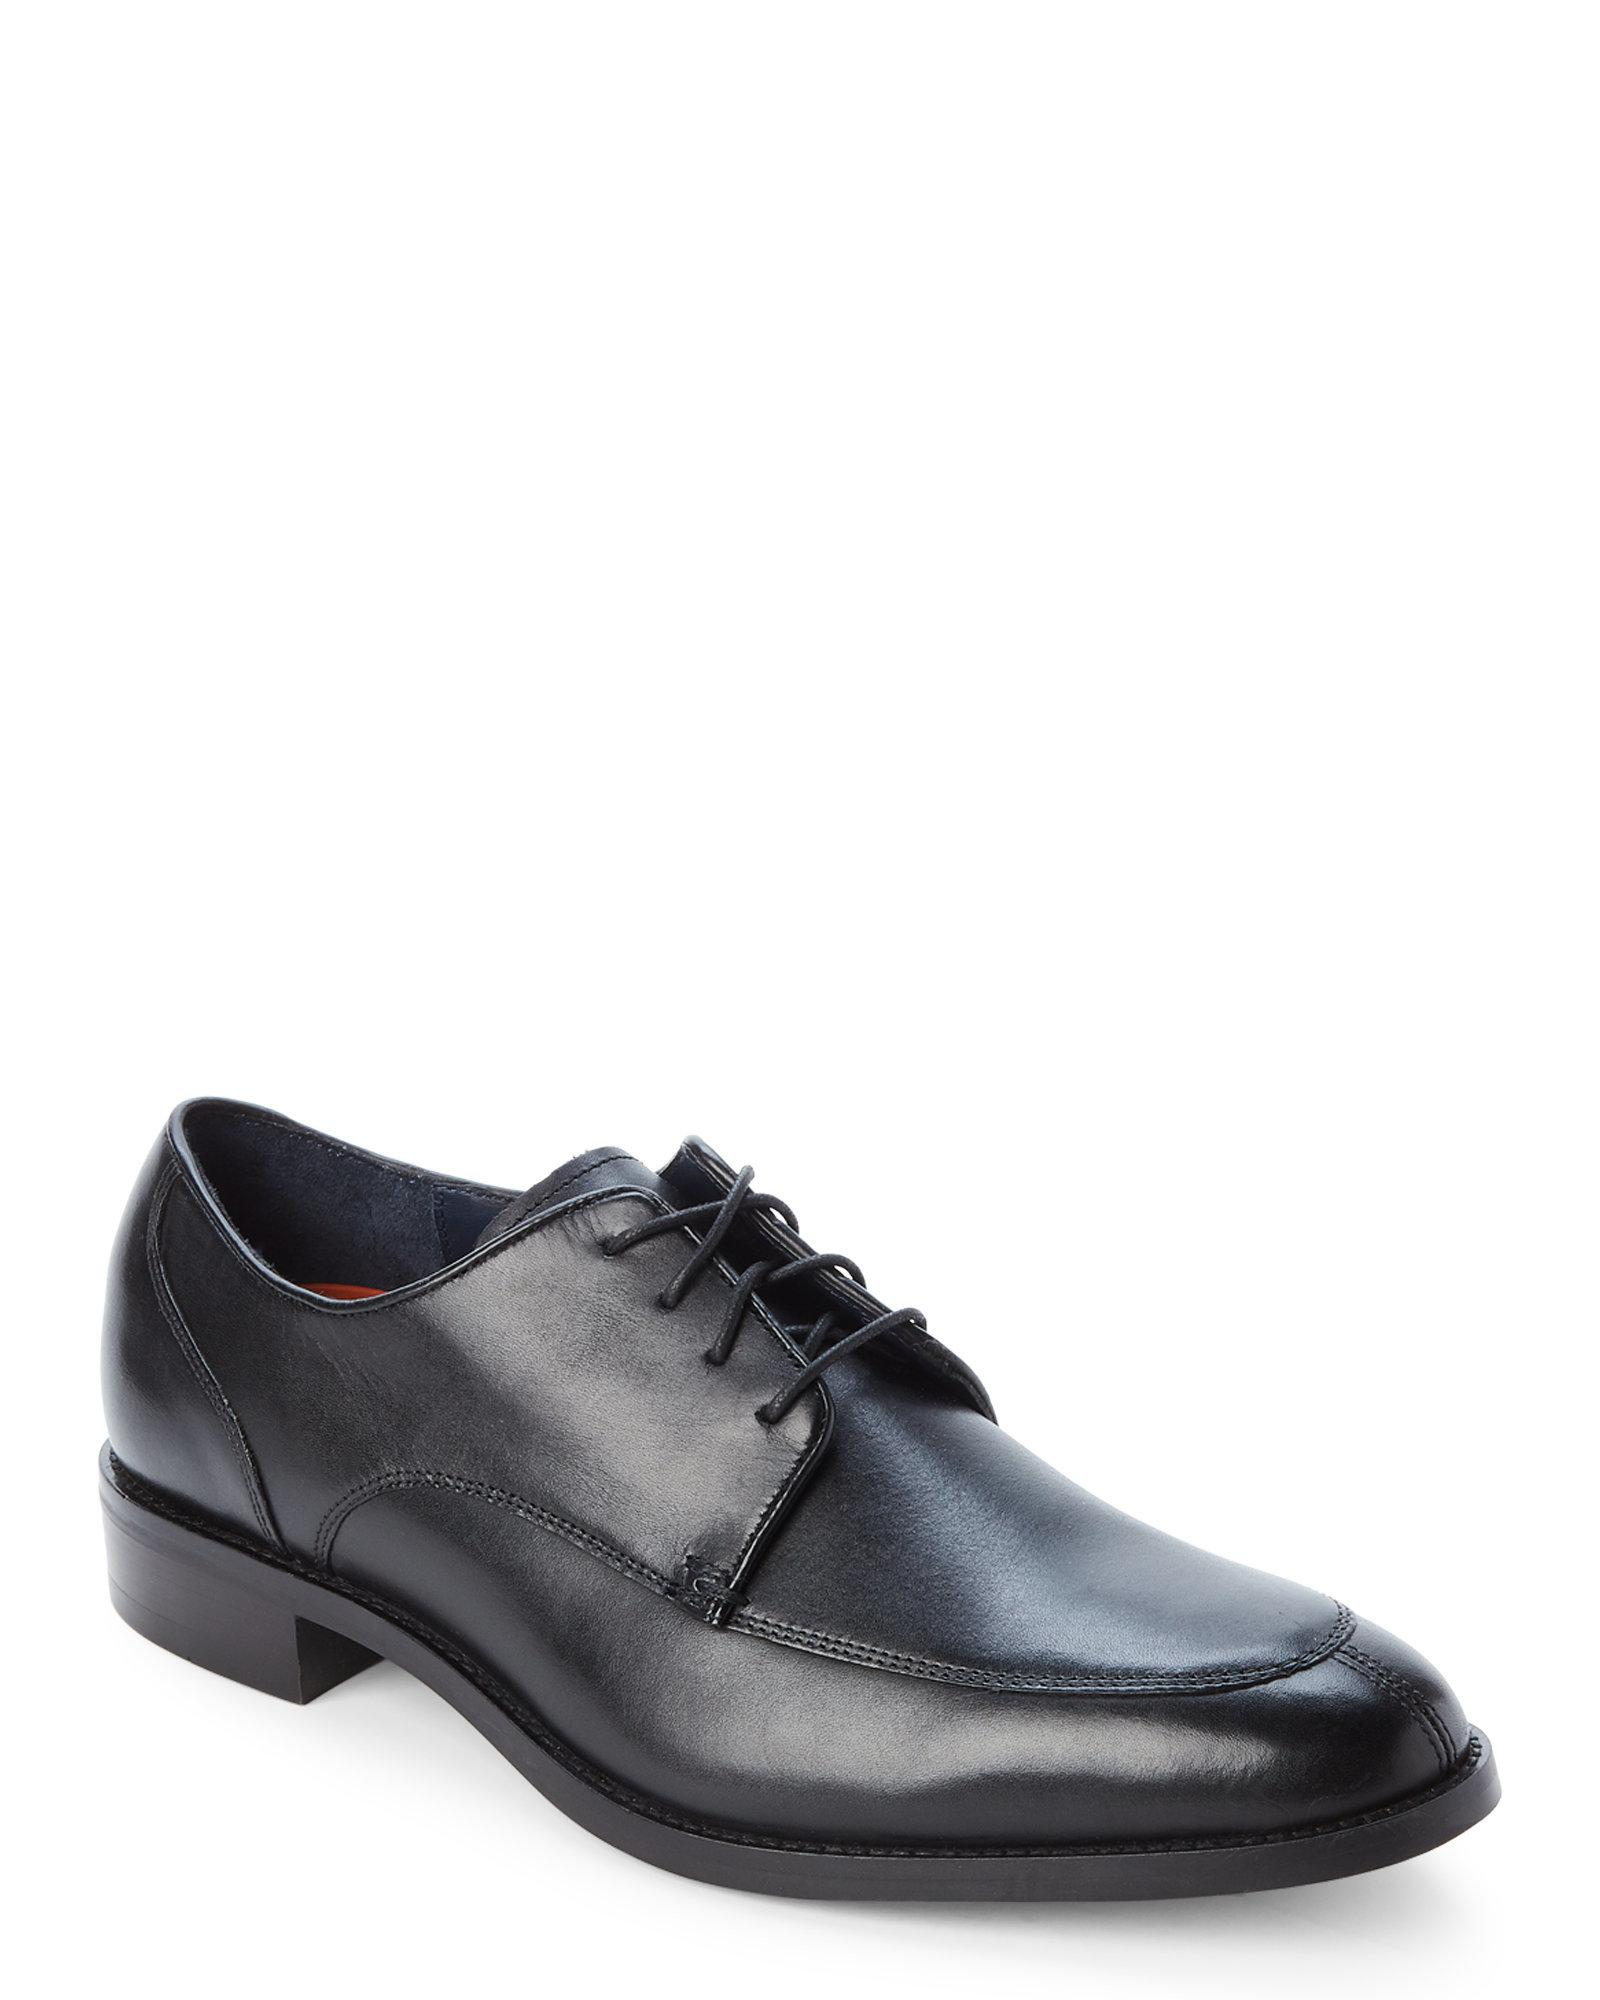 45a9af0088da62 Lyst - Cole Haan Black Lenox Hill Split Toe Oxfords in Black for Men